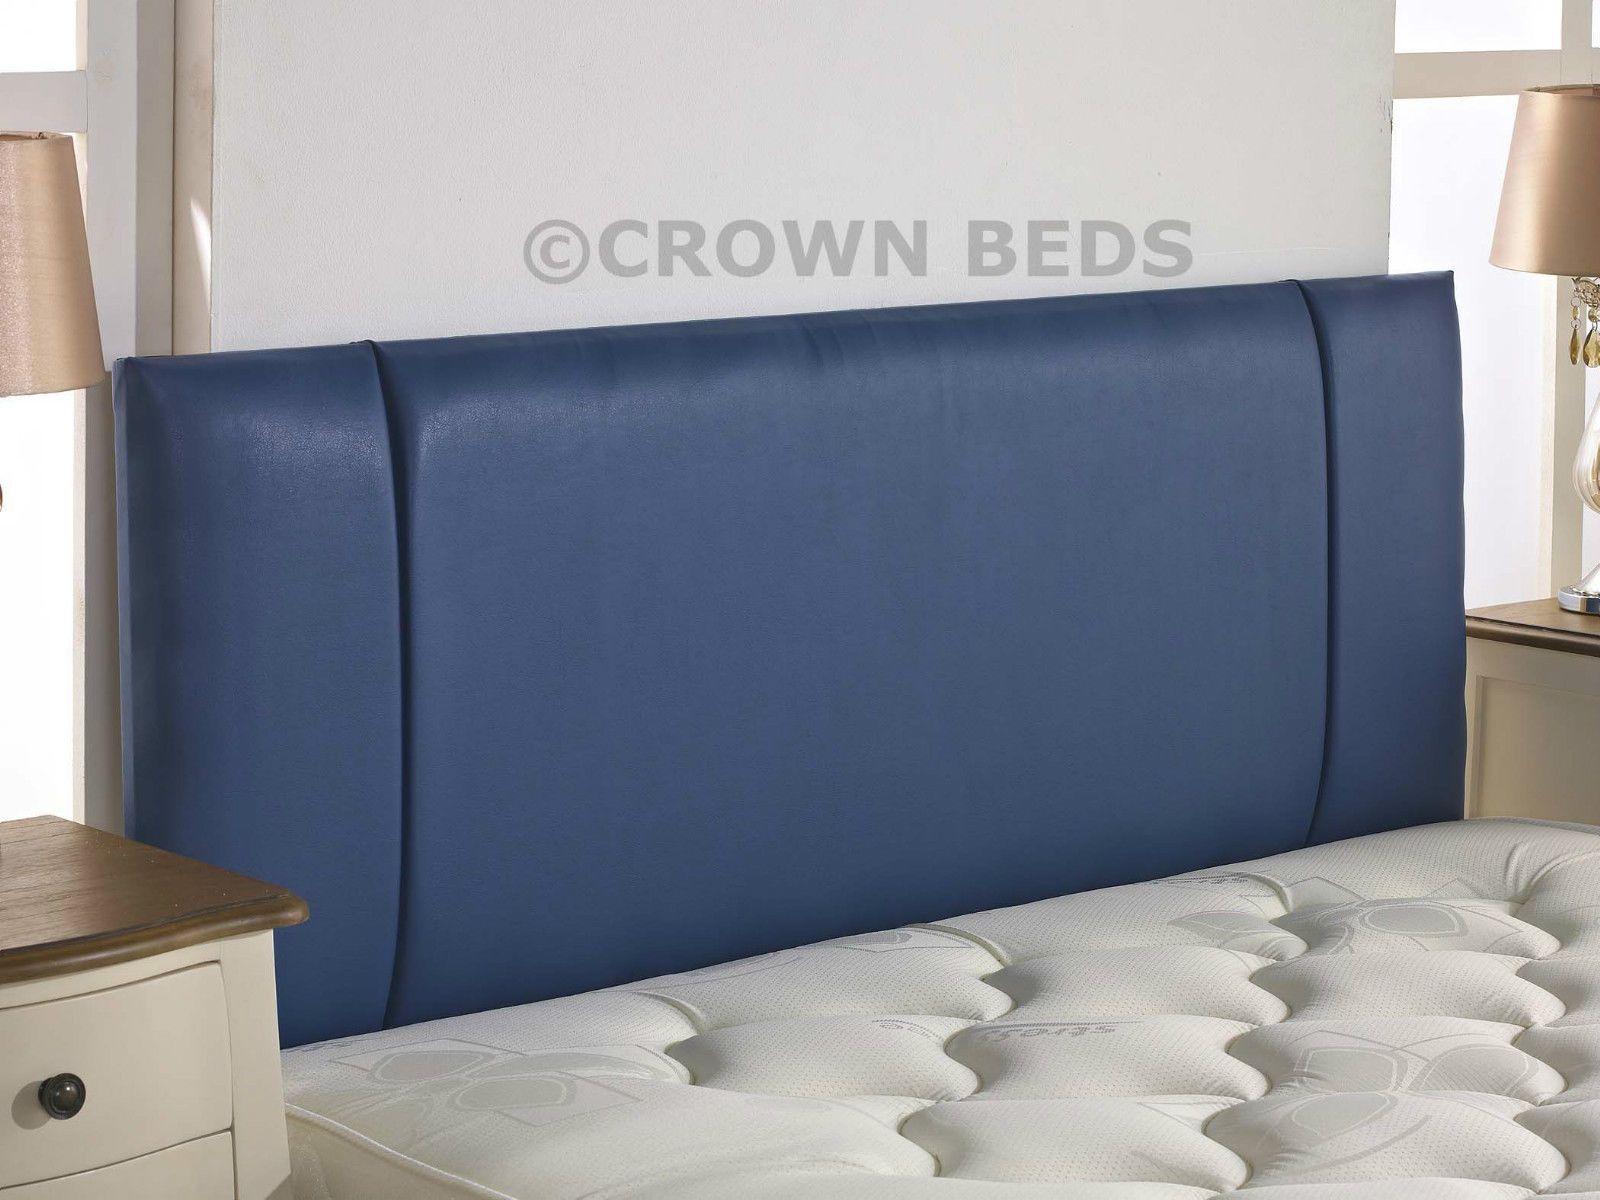 Home Deco Centre Faux Leather Portobello Headboard 2ft6 Small Single Blue